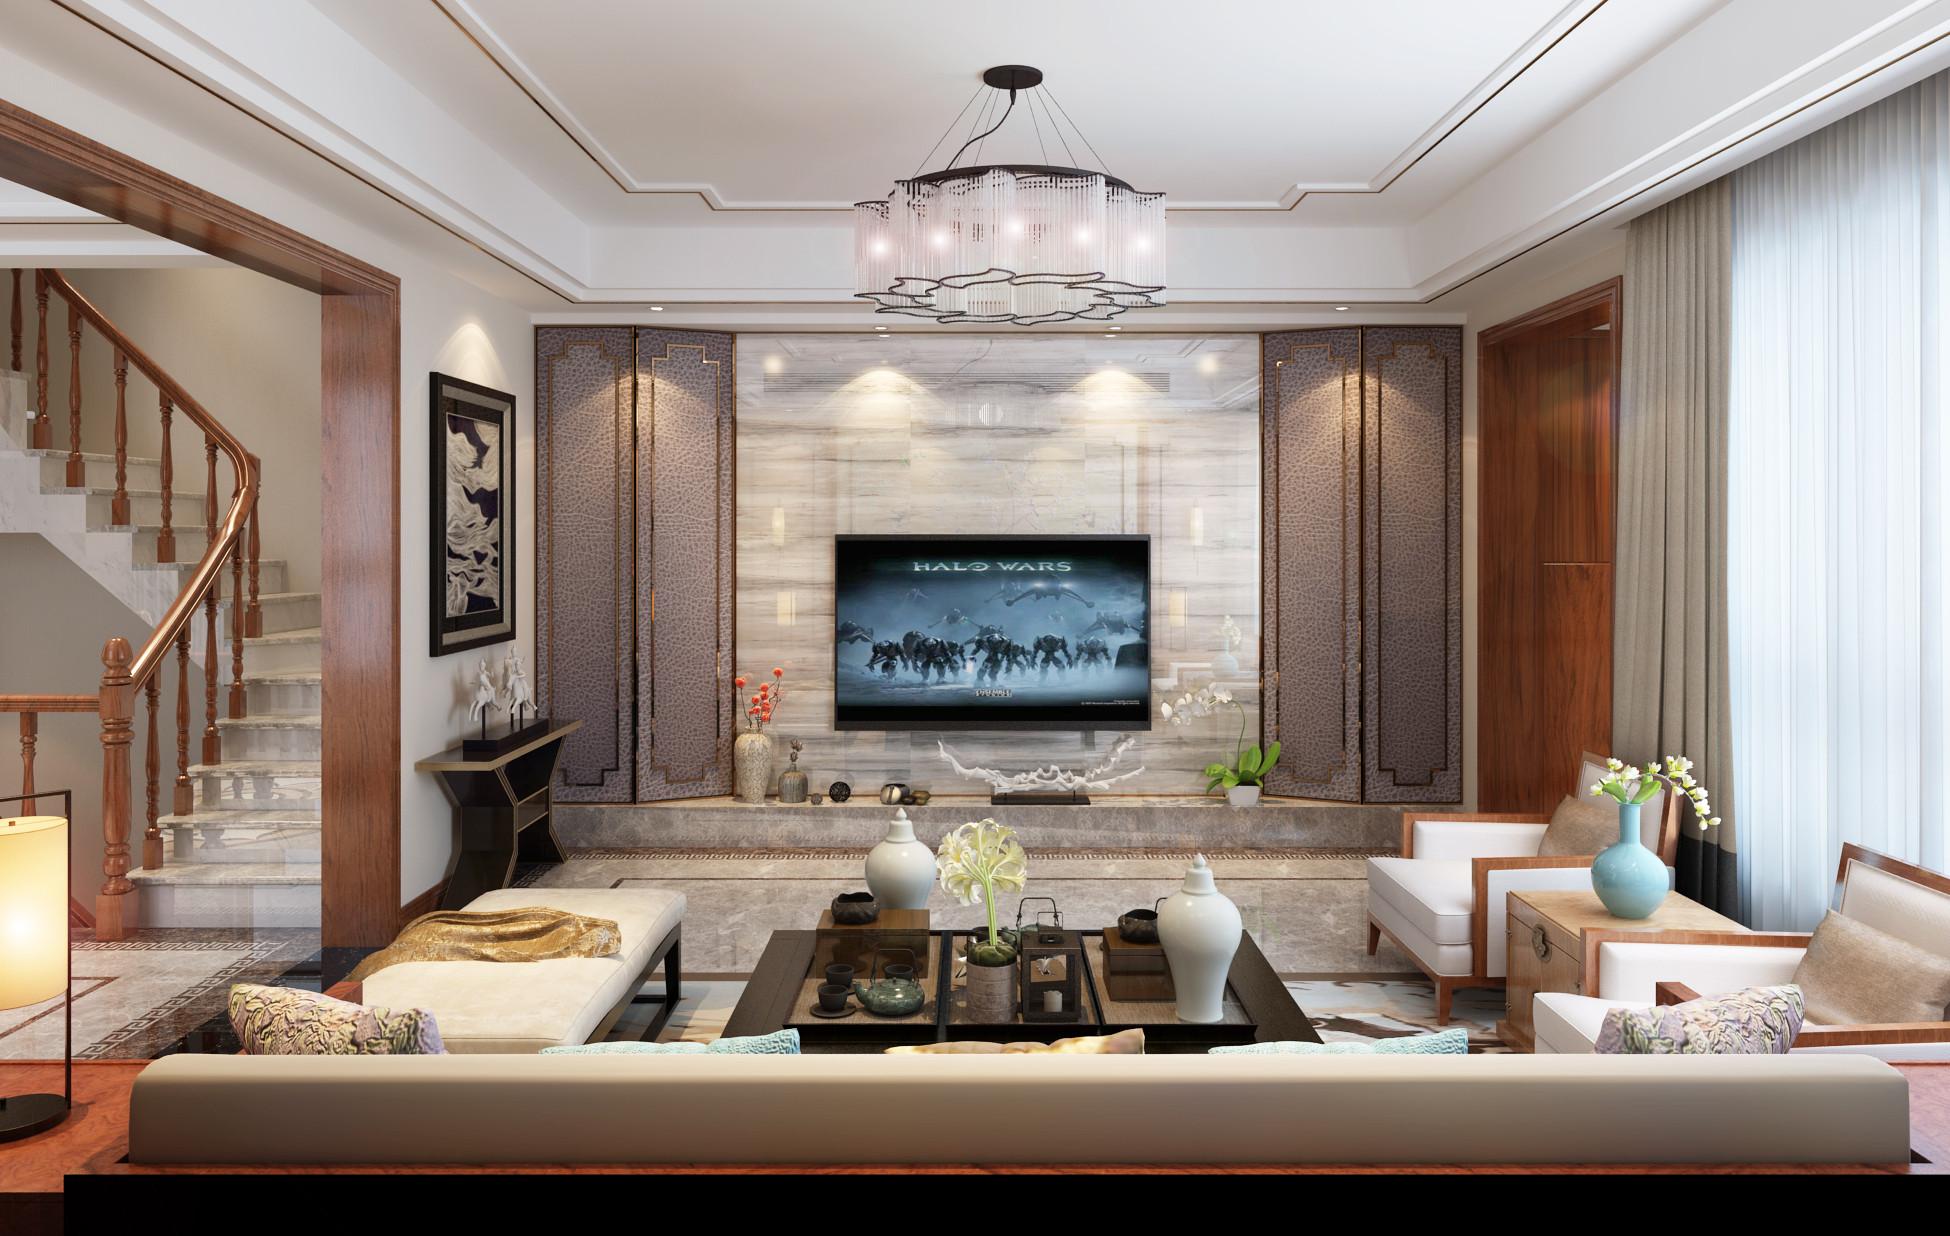 新中式豪华别墅装修电视背景墙图片